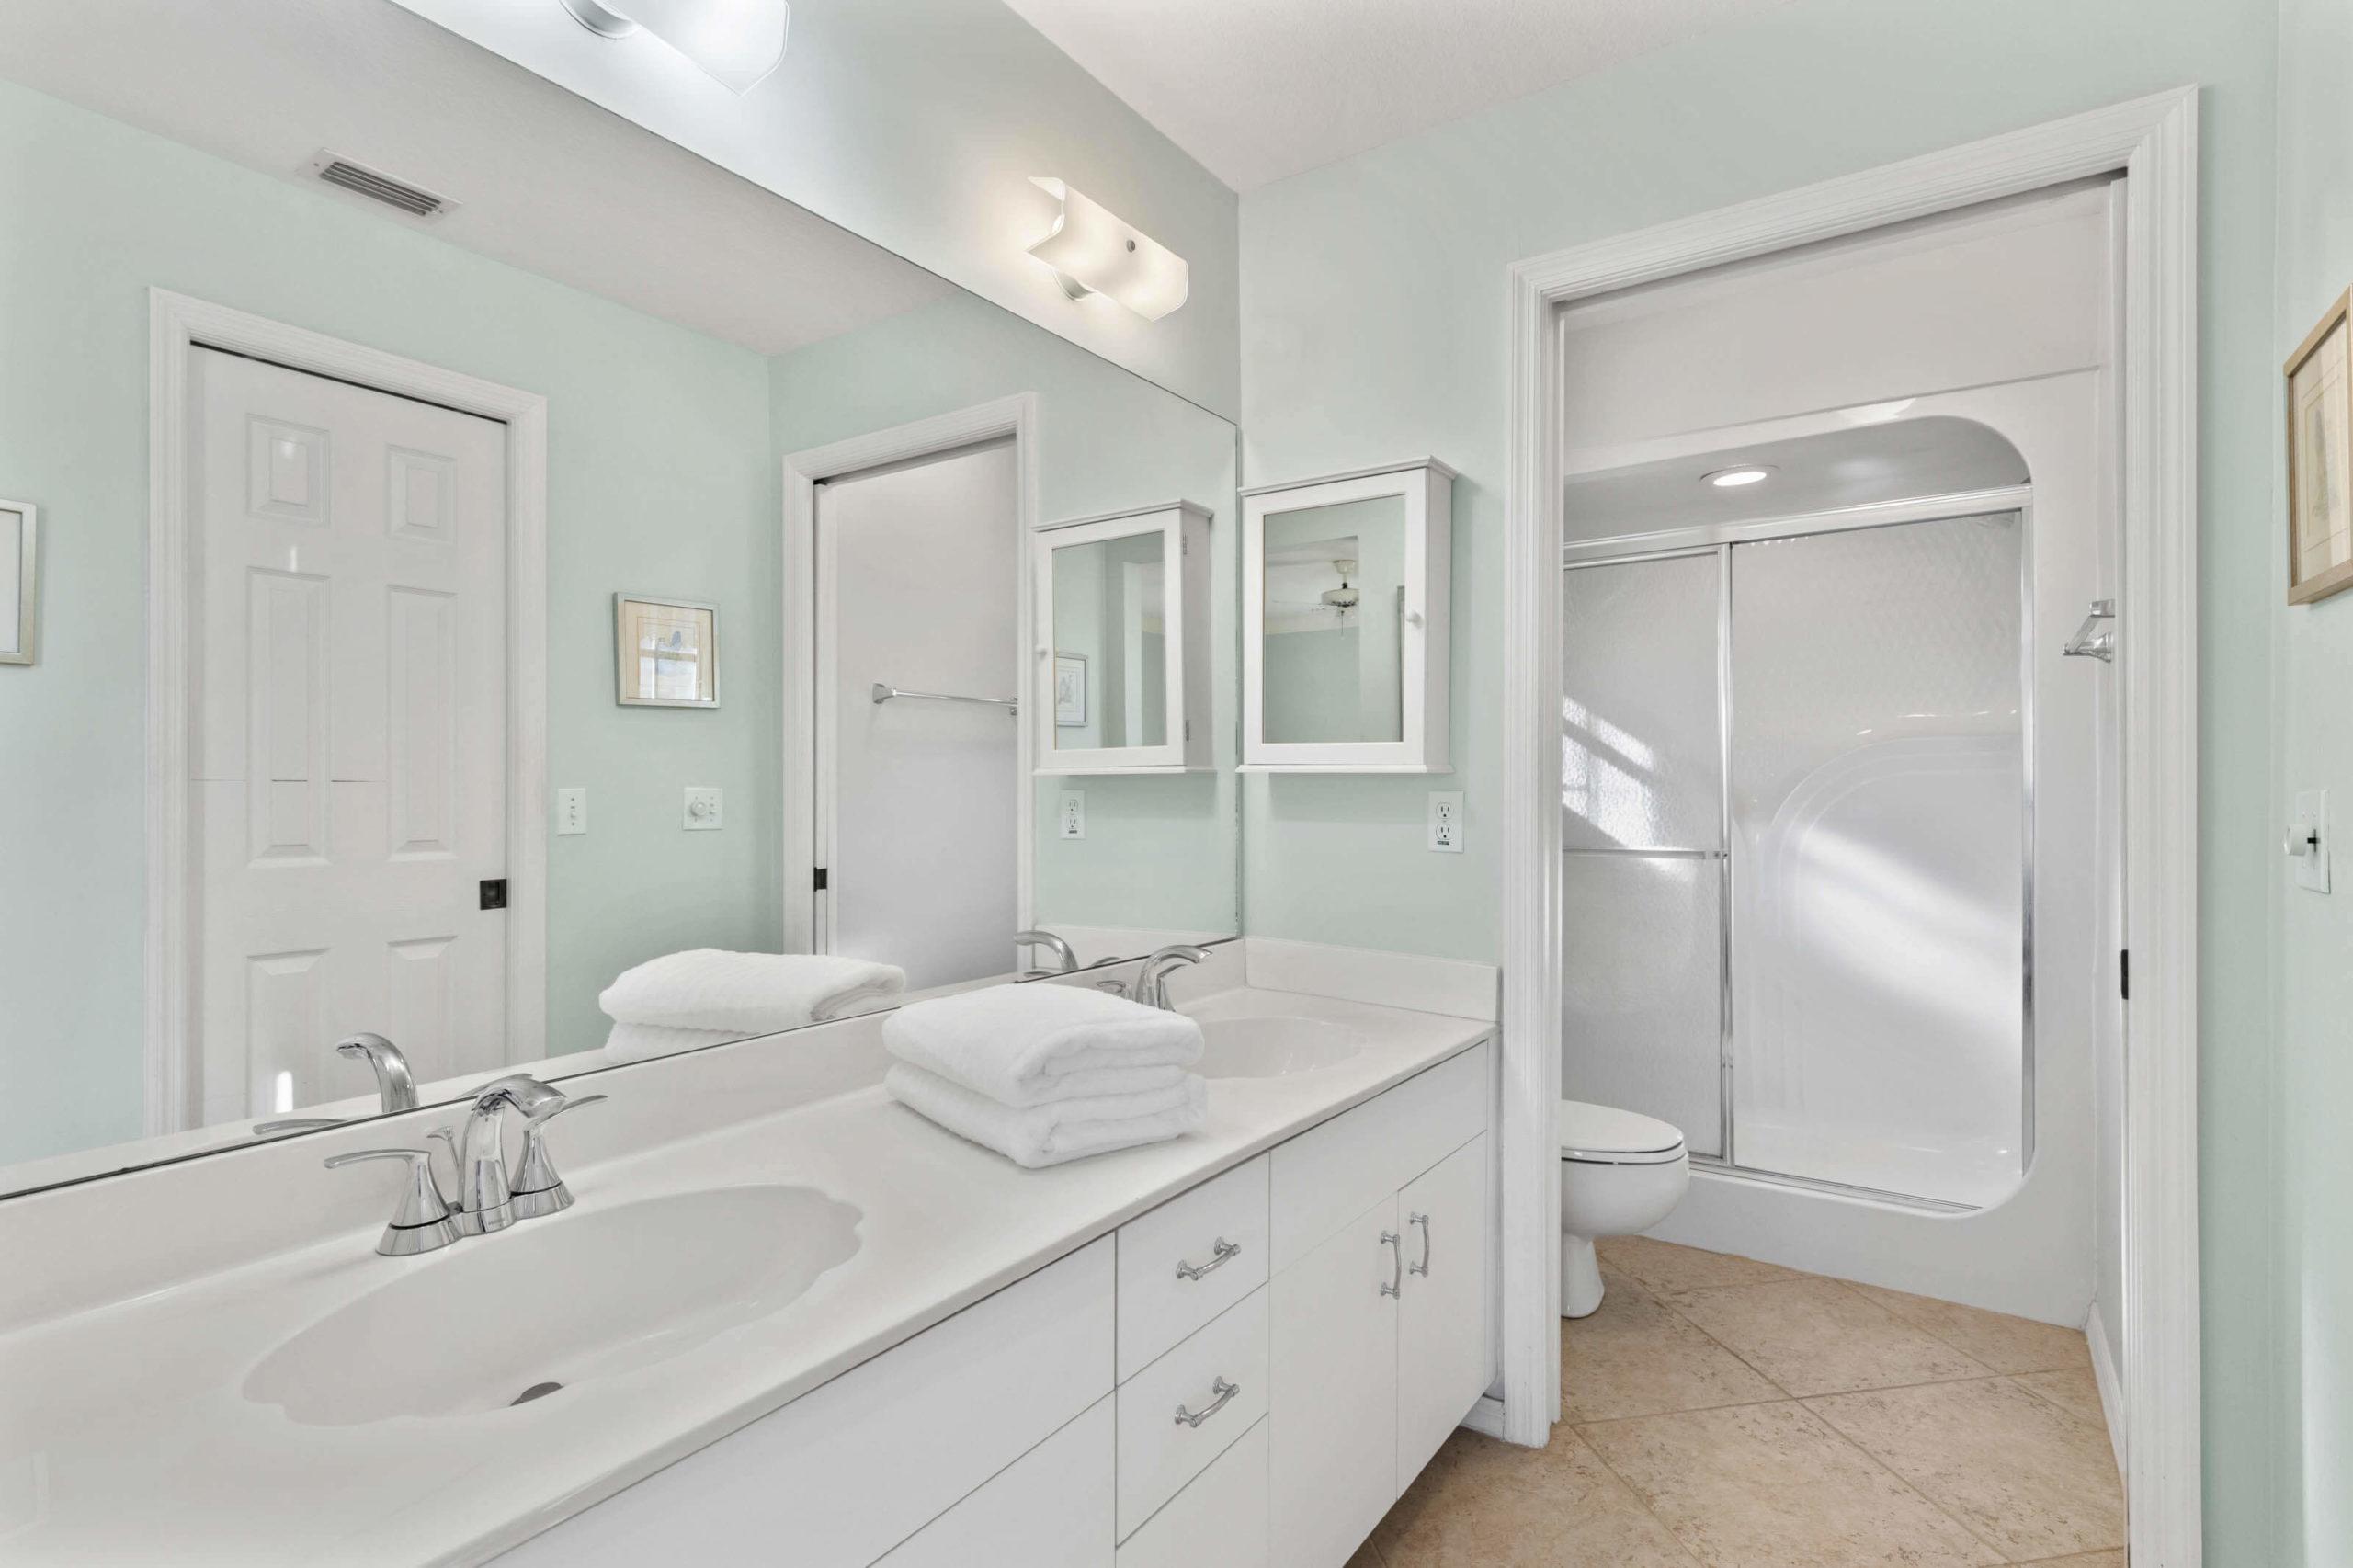 452 Belina Dr 1302 - Master Bathroom